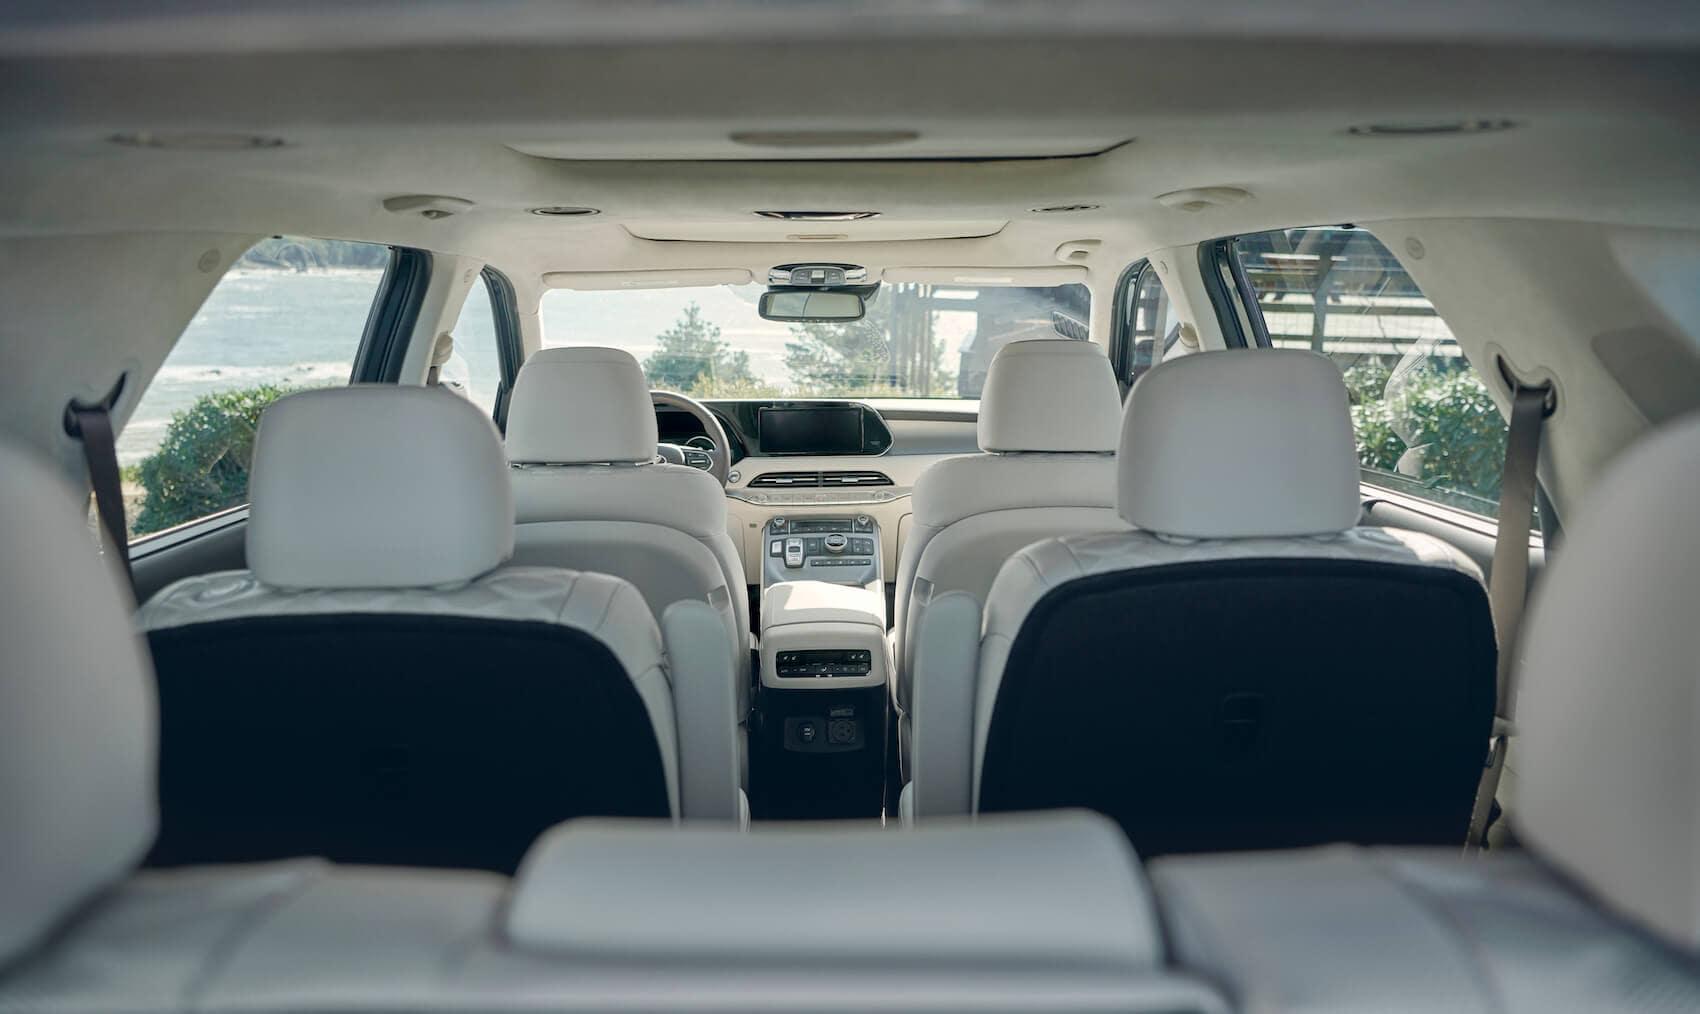 Hyundai Palisade Cabin Comfort